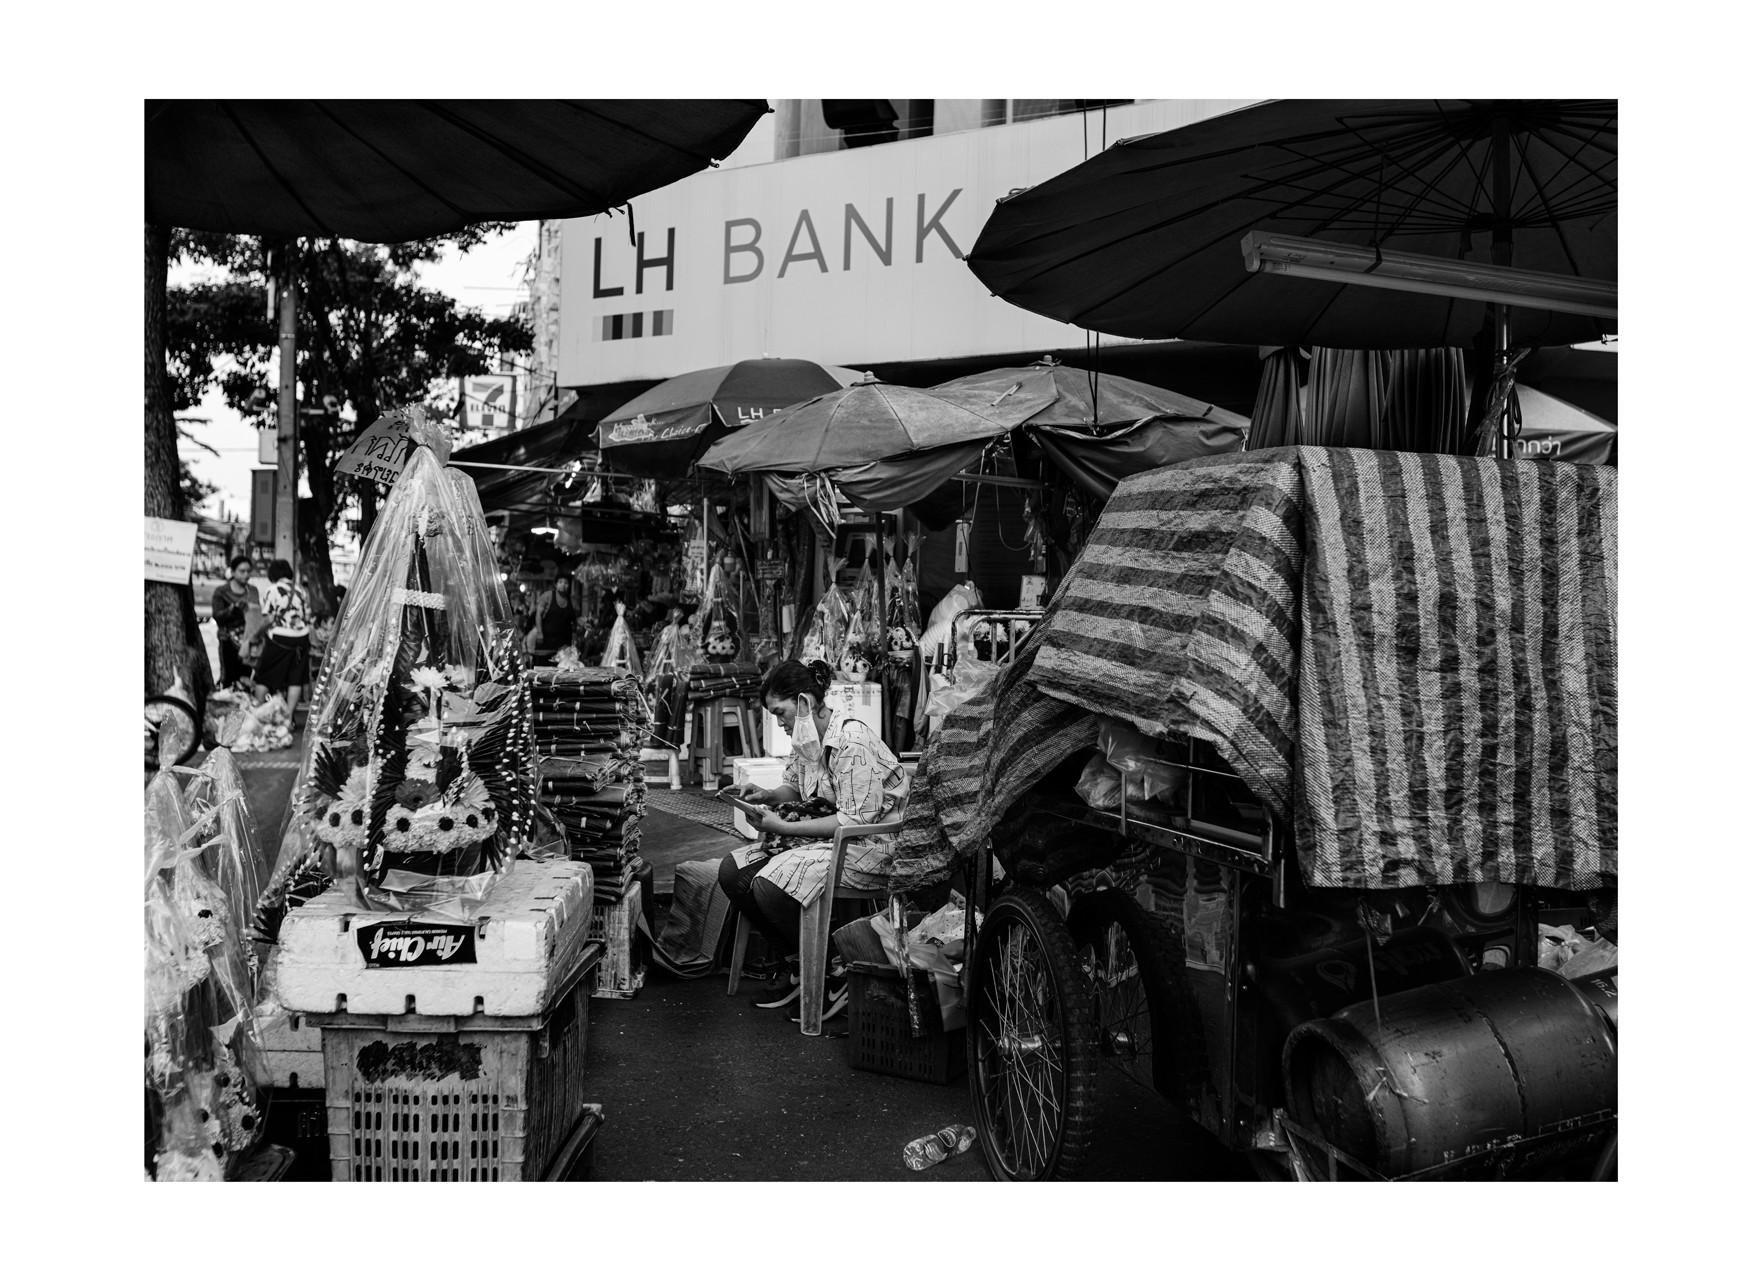 THAILAND-JUANMI-MARQUEZ-6